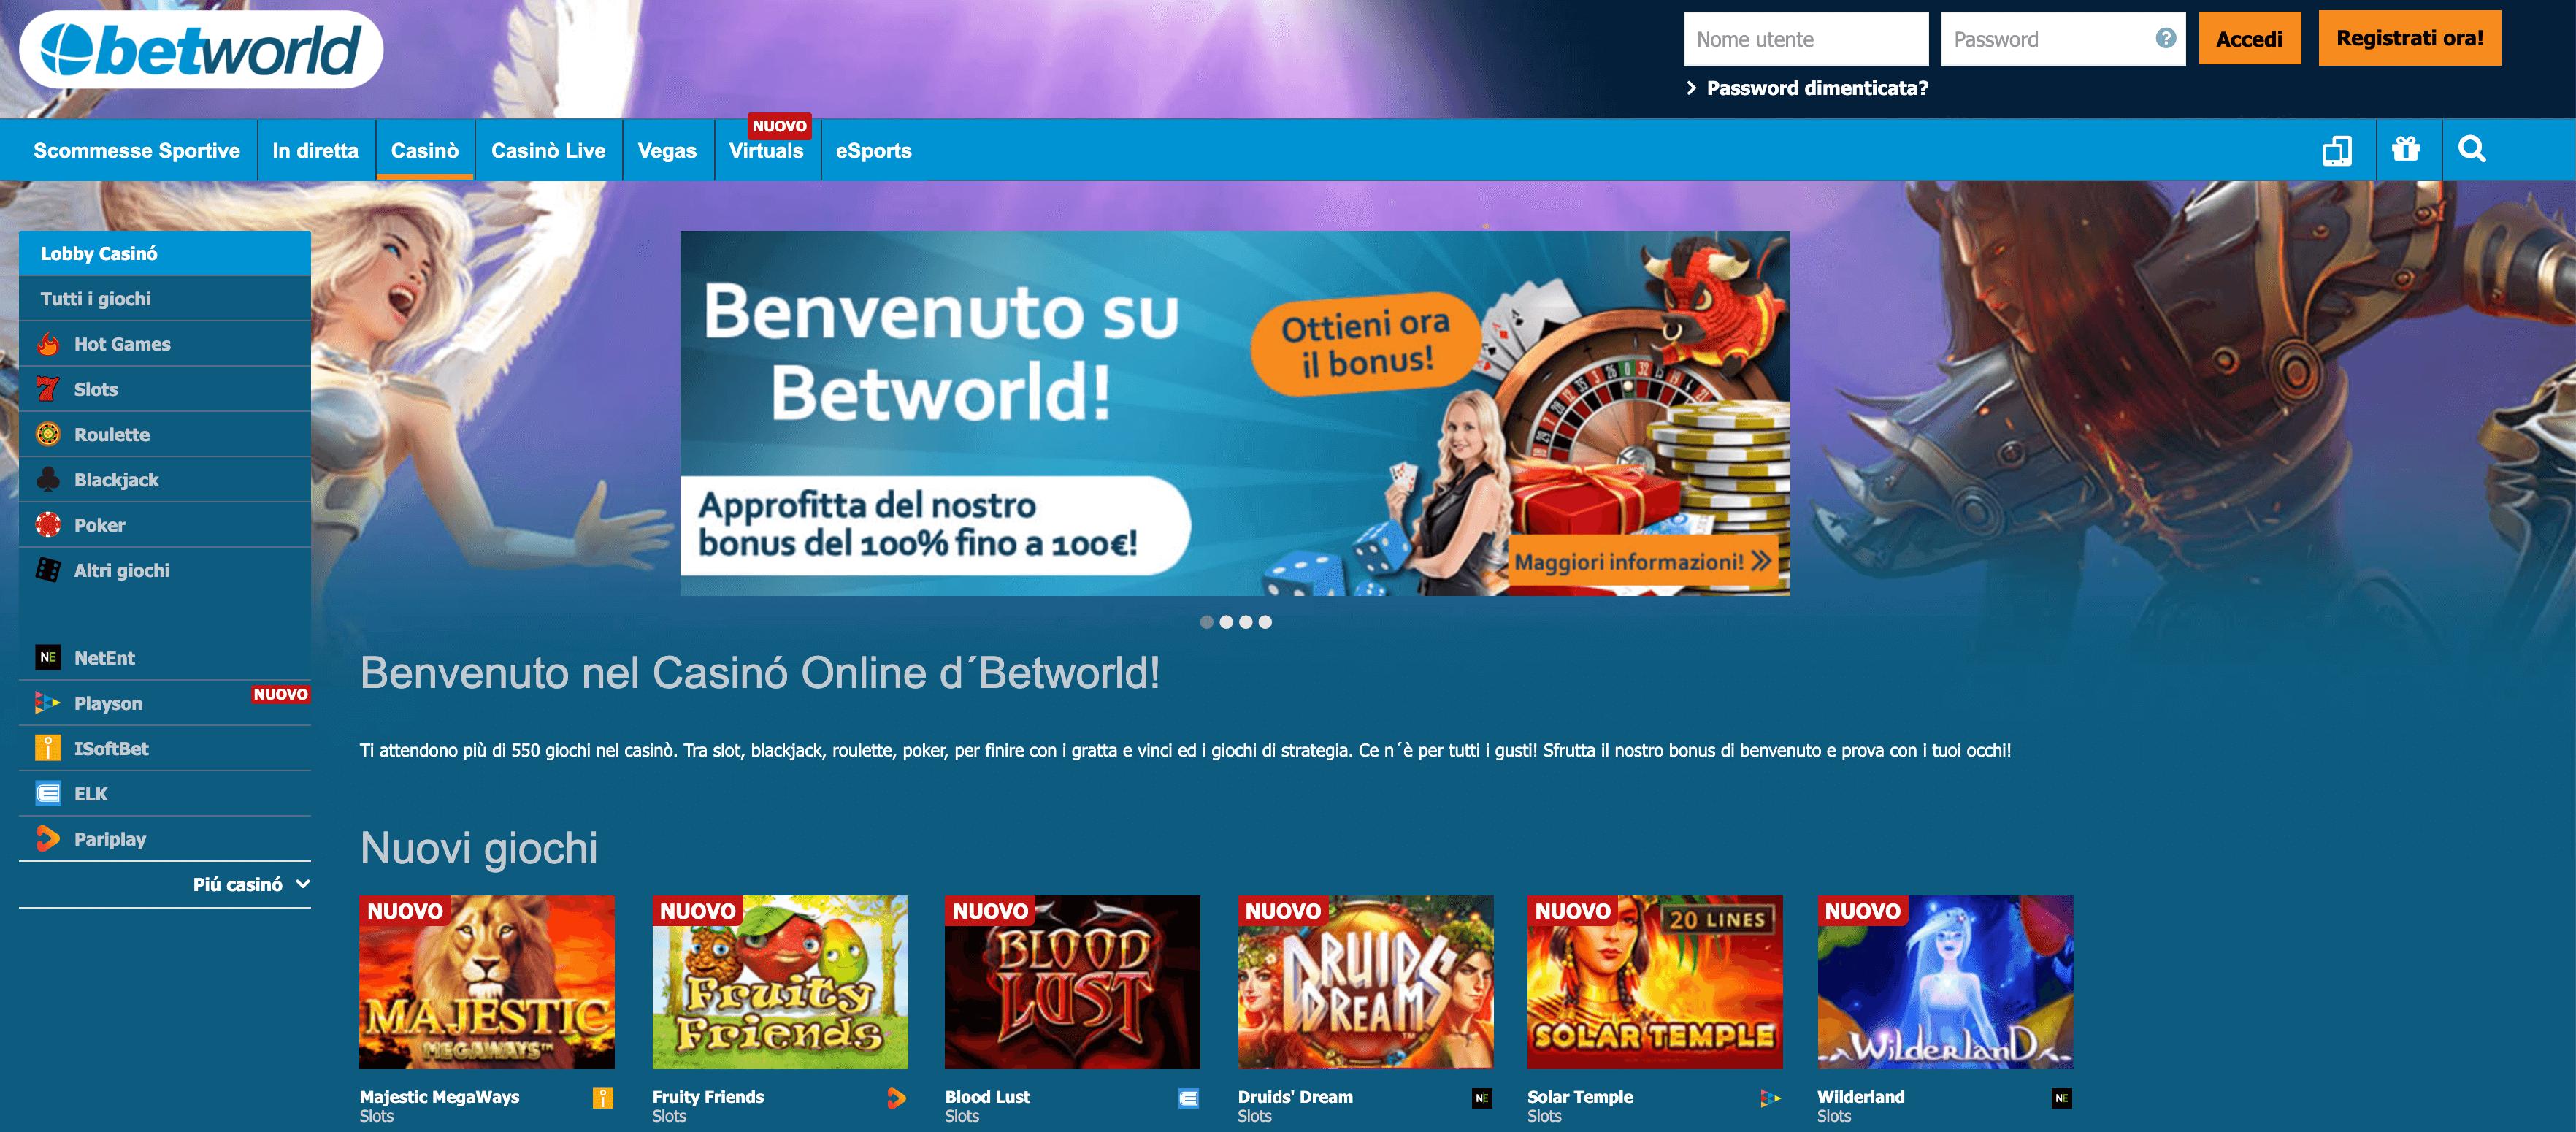 betworld casino homepage